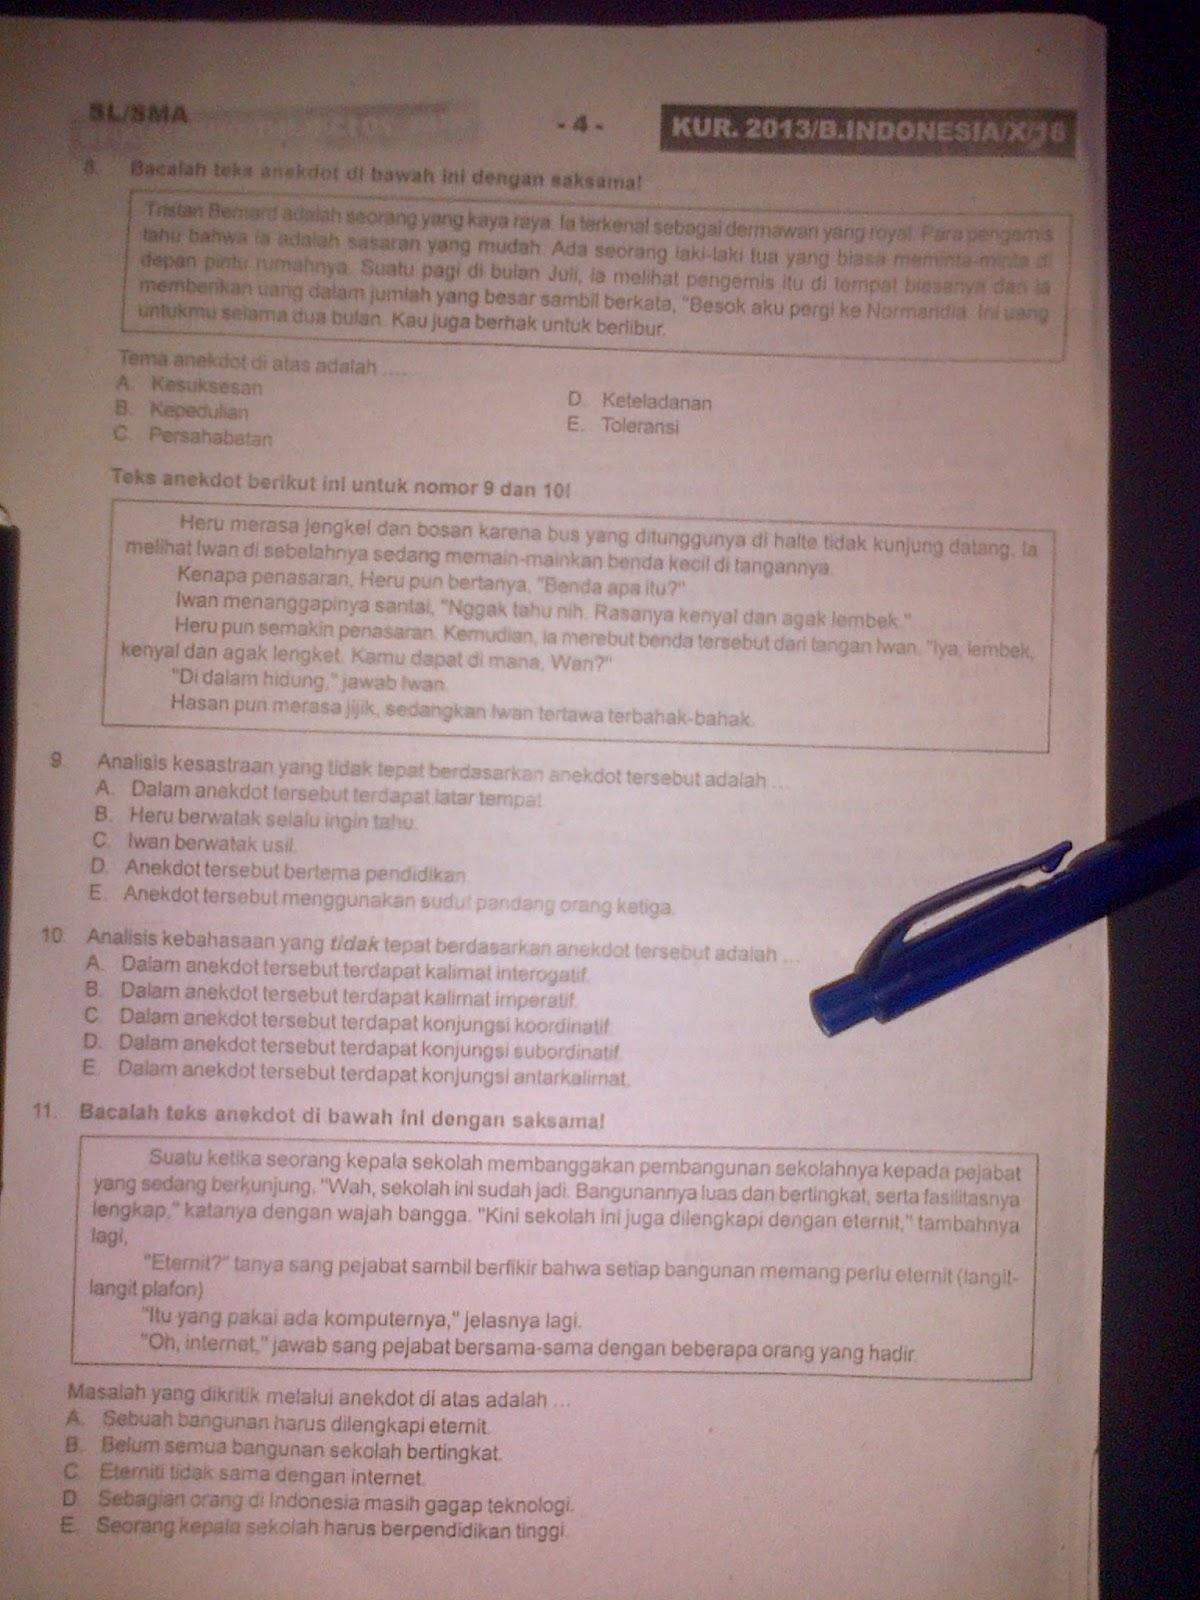 Soal Essay Bahasa Inggris Kelas 7 Semester 2 Kurikulum 2013